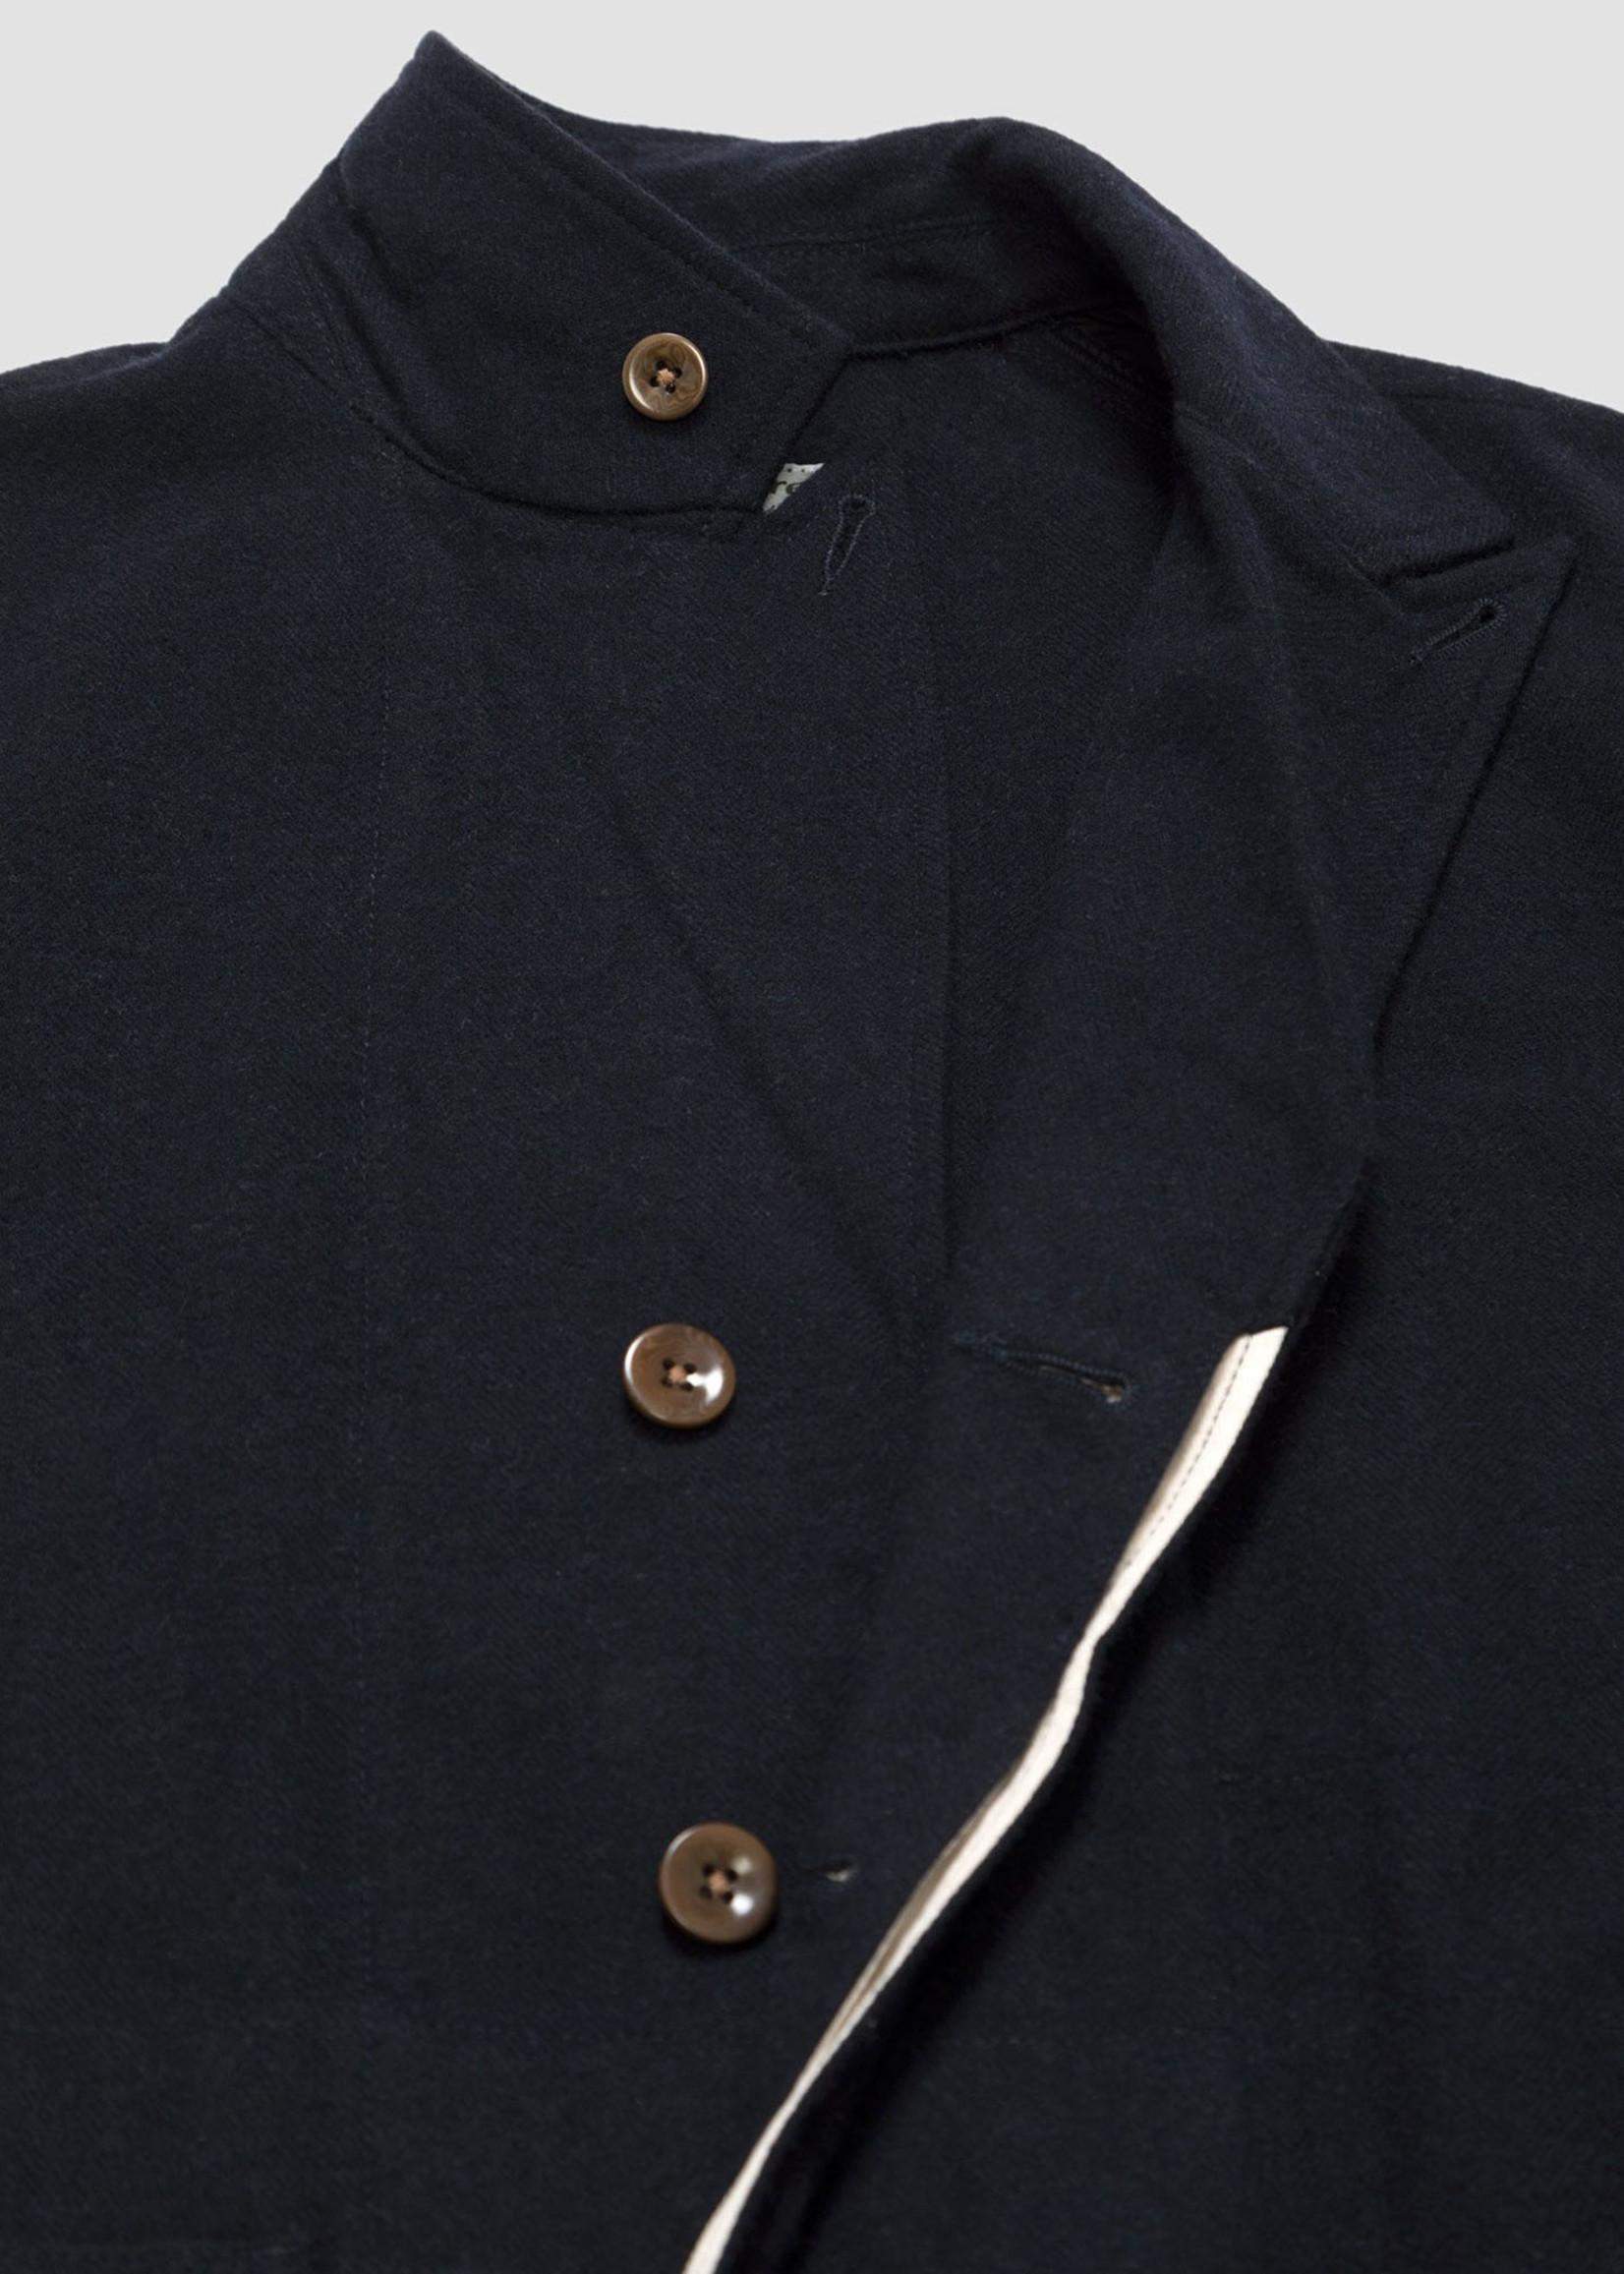 GarbStore Garbstore Work Jacket Navy Cotton/Wool Herringbone